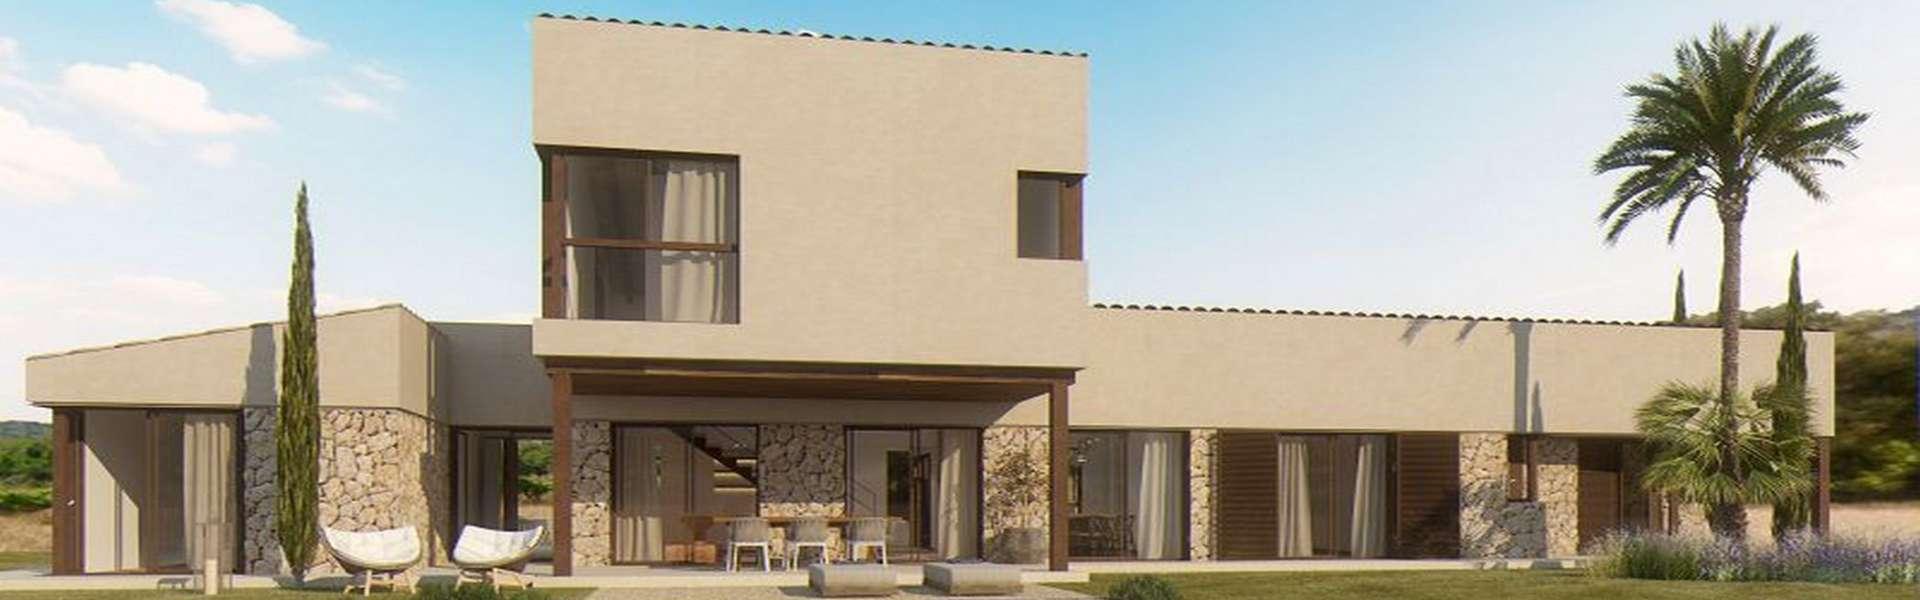 Schönes Neubauprojekt in der Nähe von Es Trenc zum Verkauf